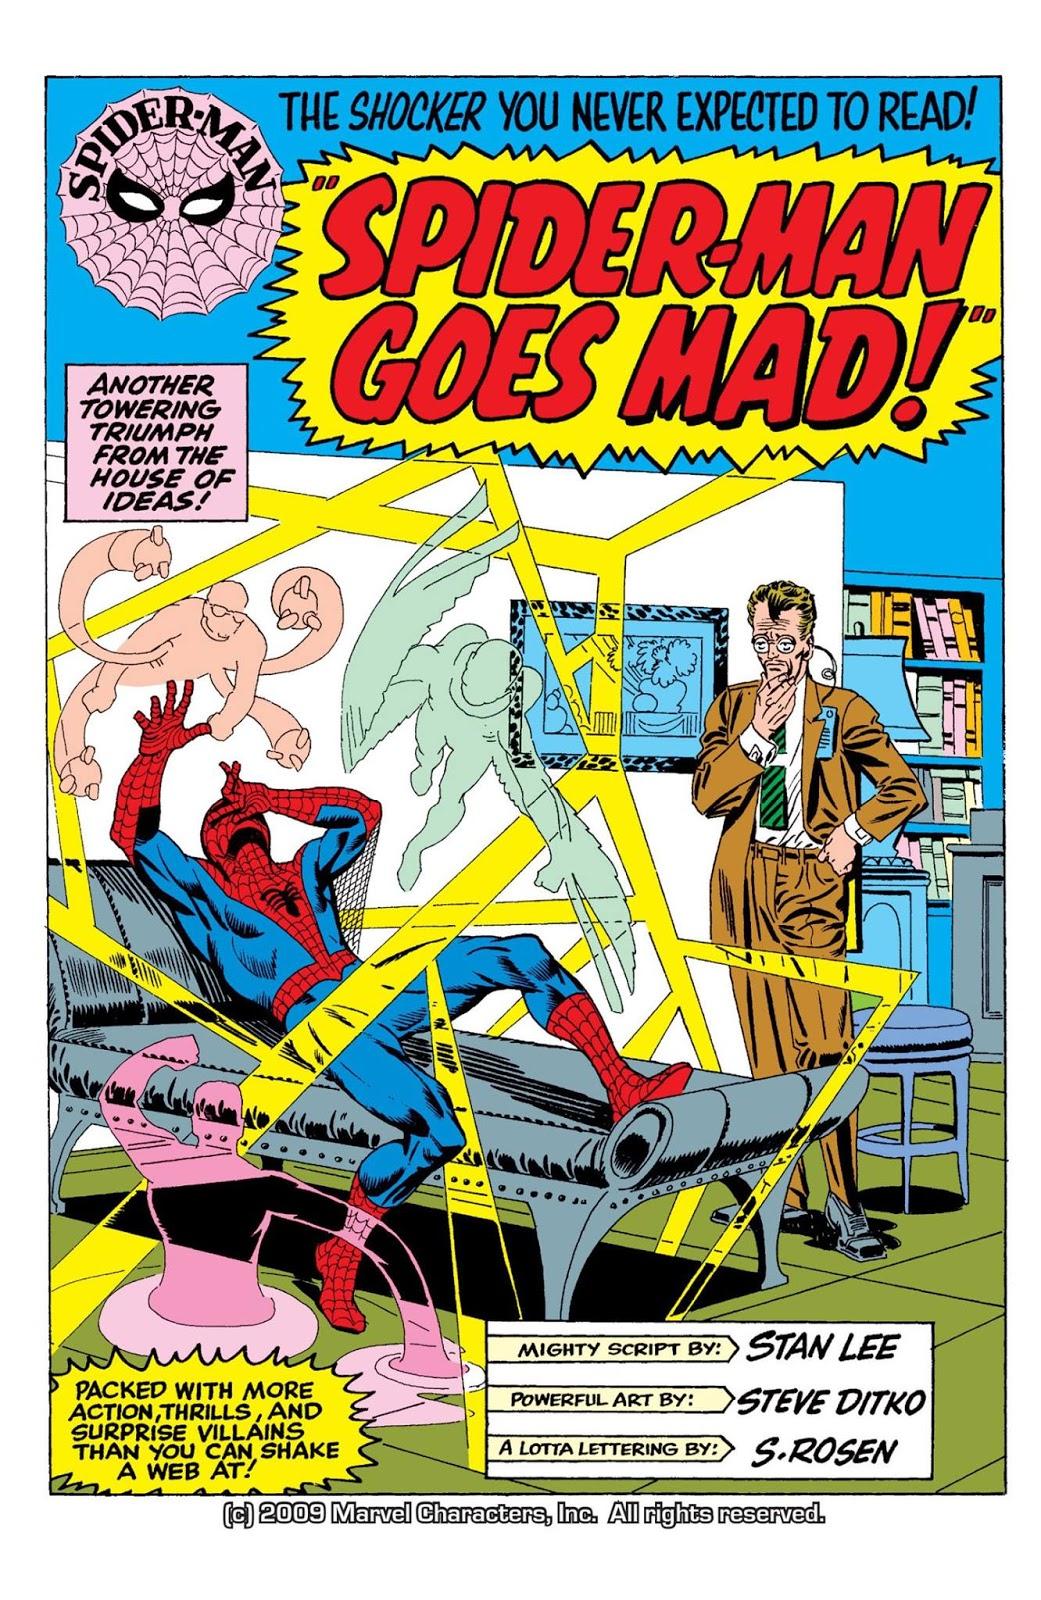 The Dork Review: Rob's Room: Steve Ditko's Spider-Man Splash Pages